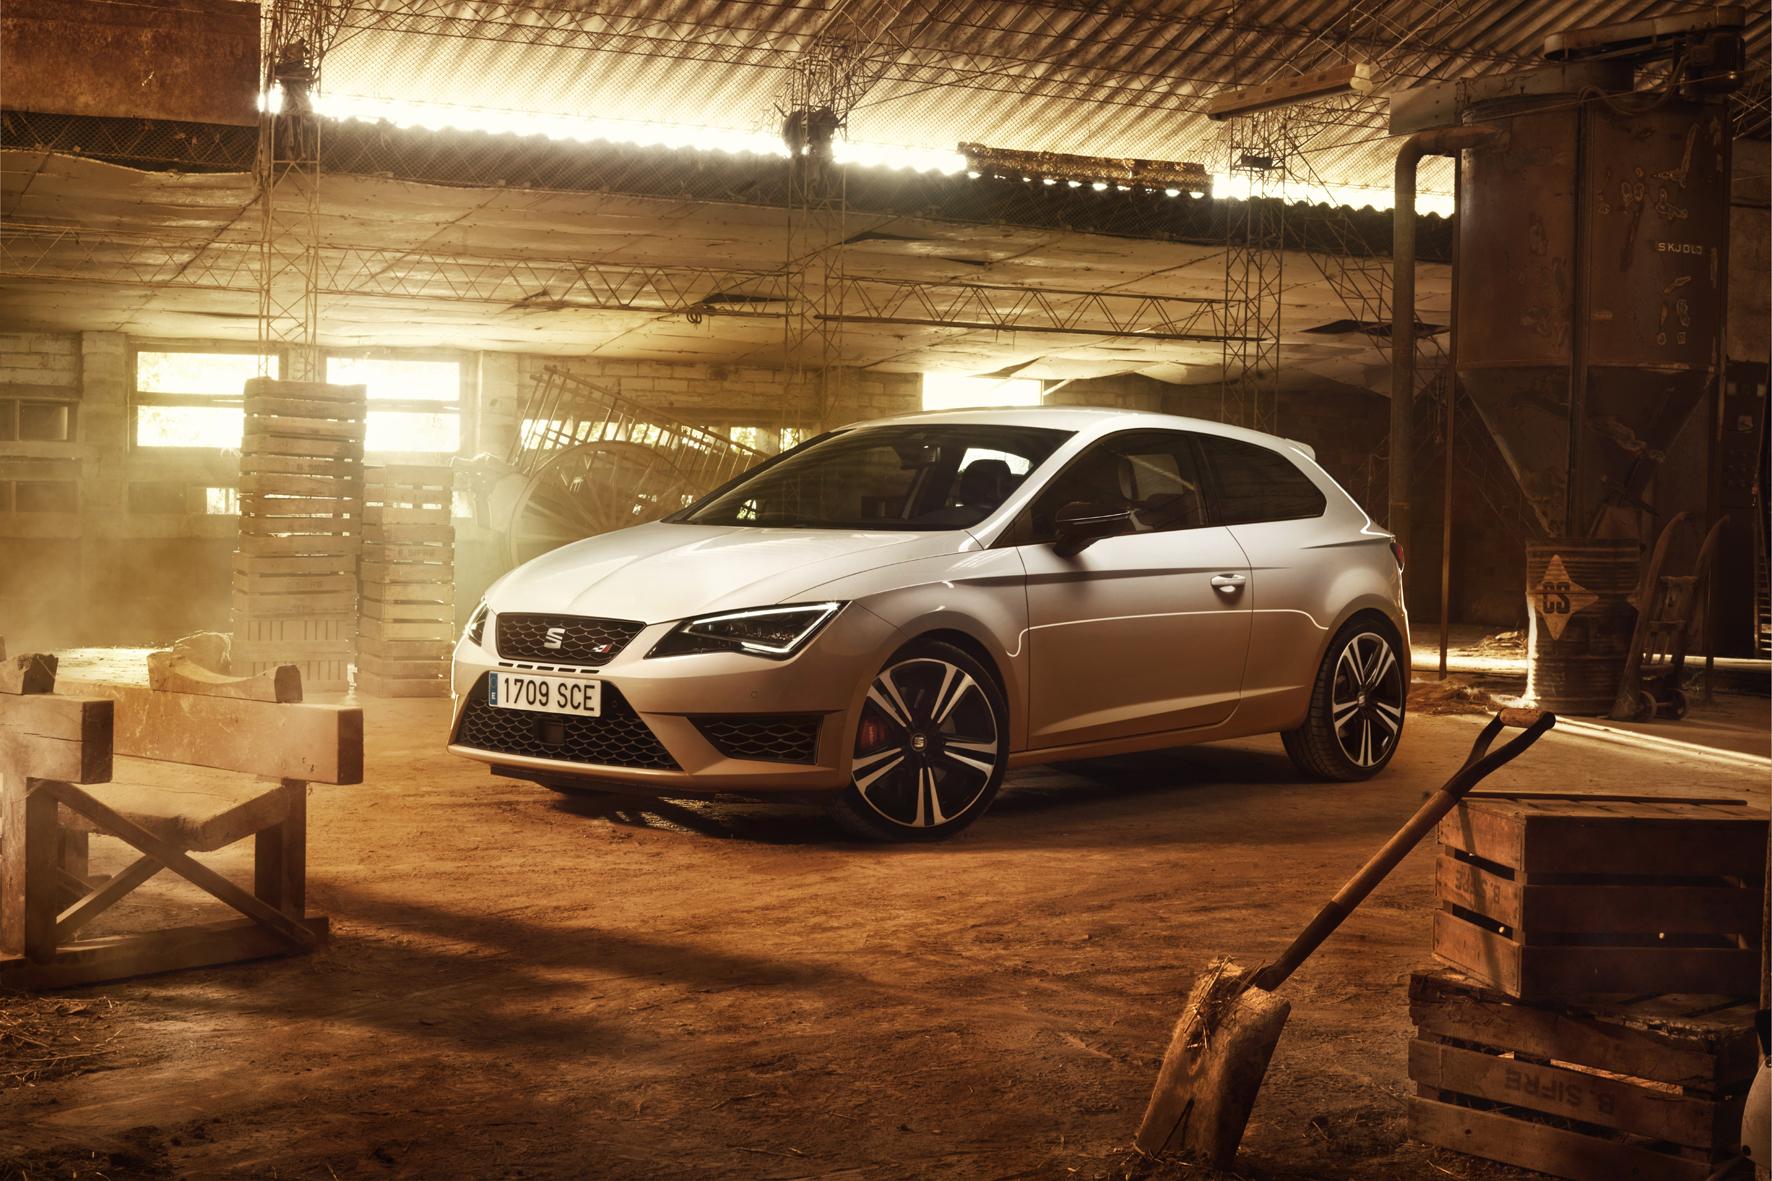 mid Weiterstadt - Mehr Leistung für den Seat Leon Cupra: Der neu entwickelte 2,0-Liter-Turbobenziner im Top-Modell der spanischen VW-Tochter leistet 290 PS.